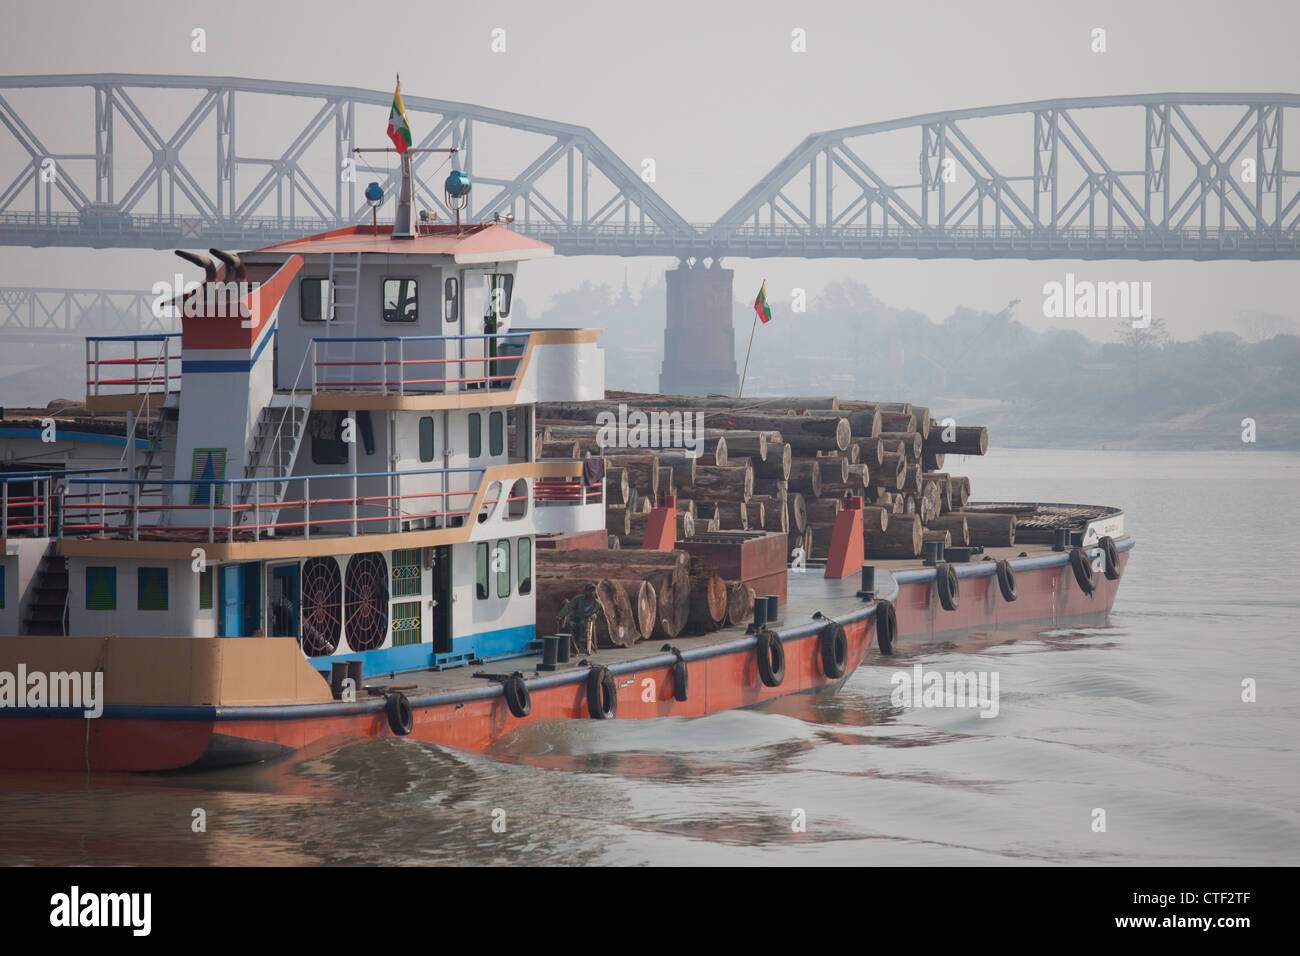 Los registros de transporte en barcazas por el Río Irrawaddy, cerca de Mandalay, Myanmar Imagen De Stock